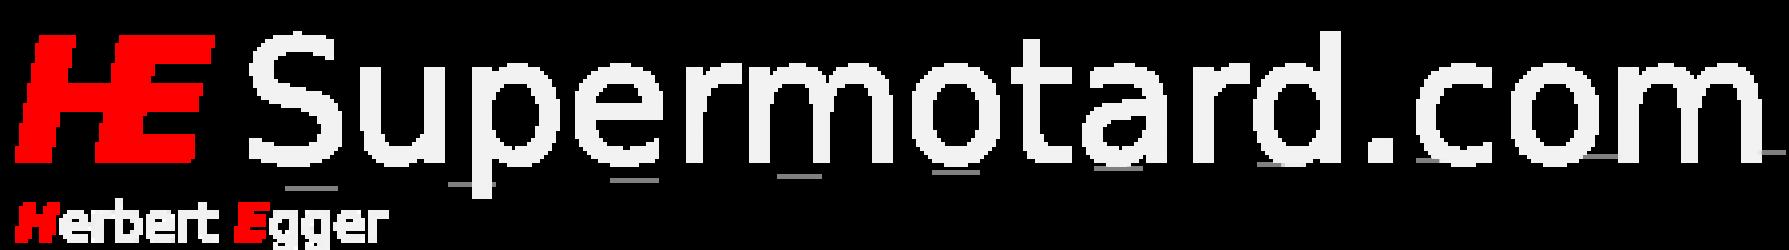 HE-Supermotard.com